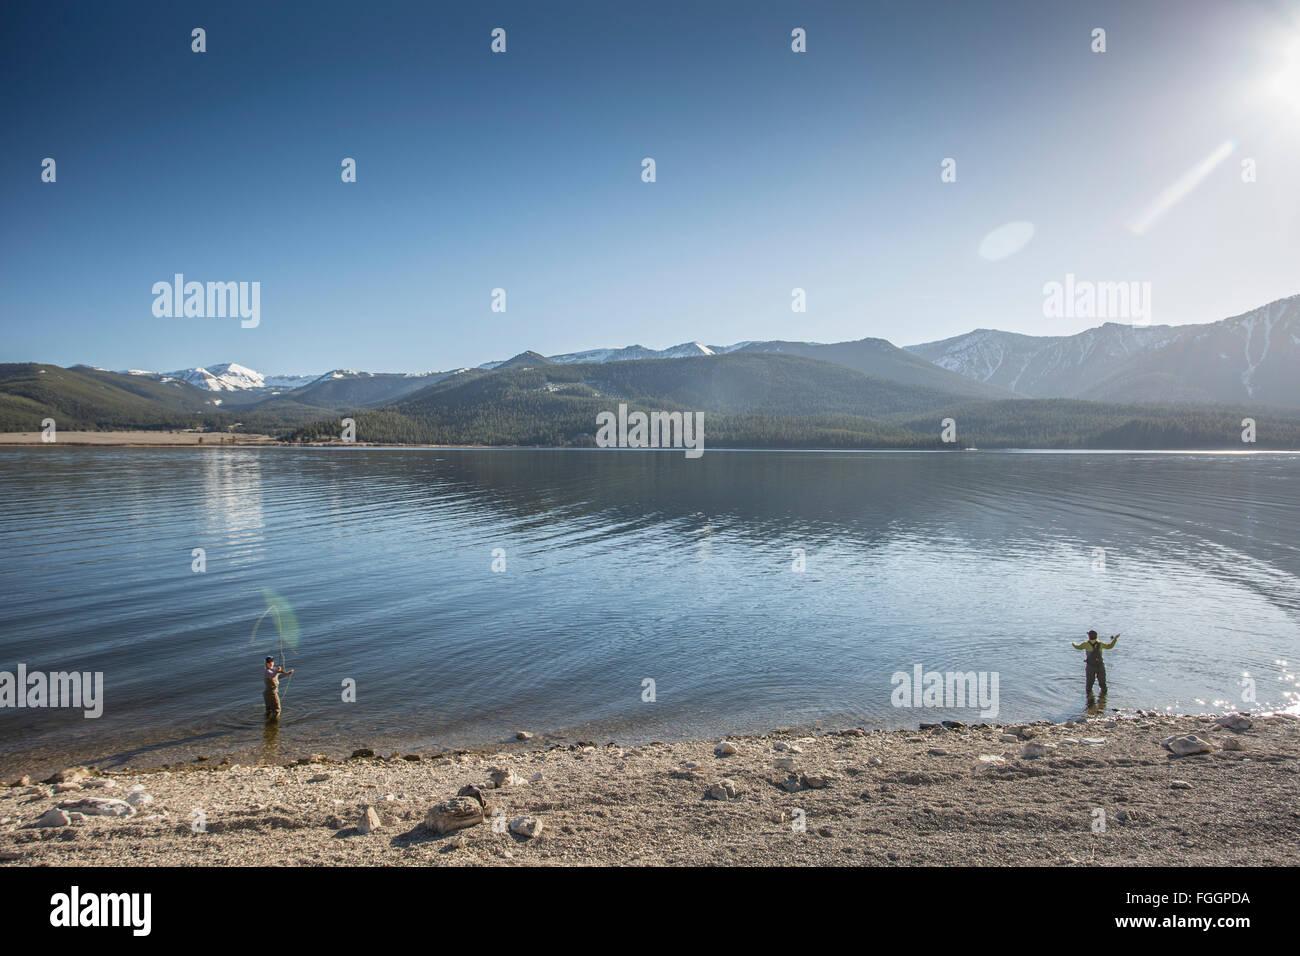 Deux femmes dominante de la rive, tandis que la pêche à la mouche sur le lac Hebgen du Montana. Photo Stock